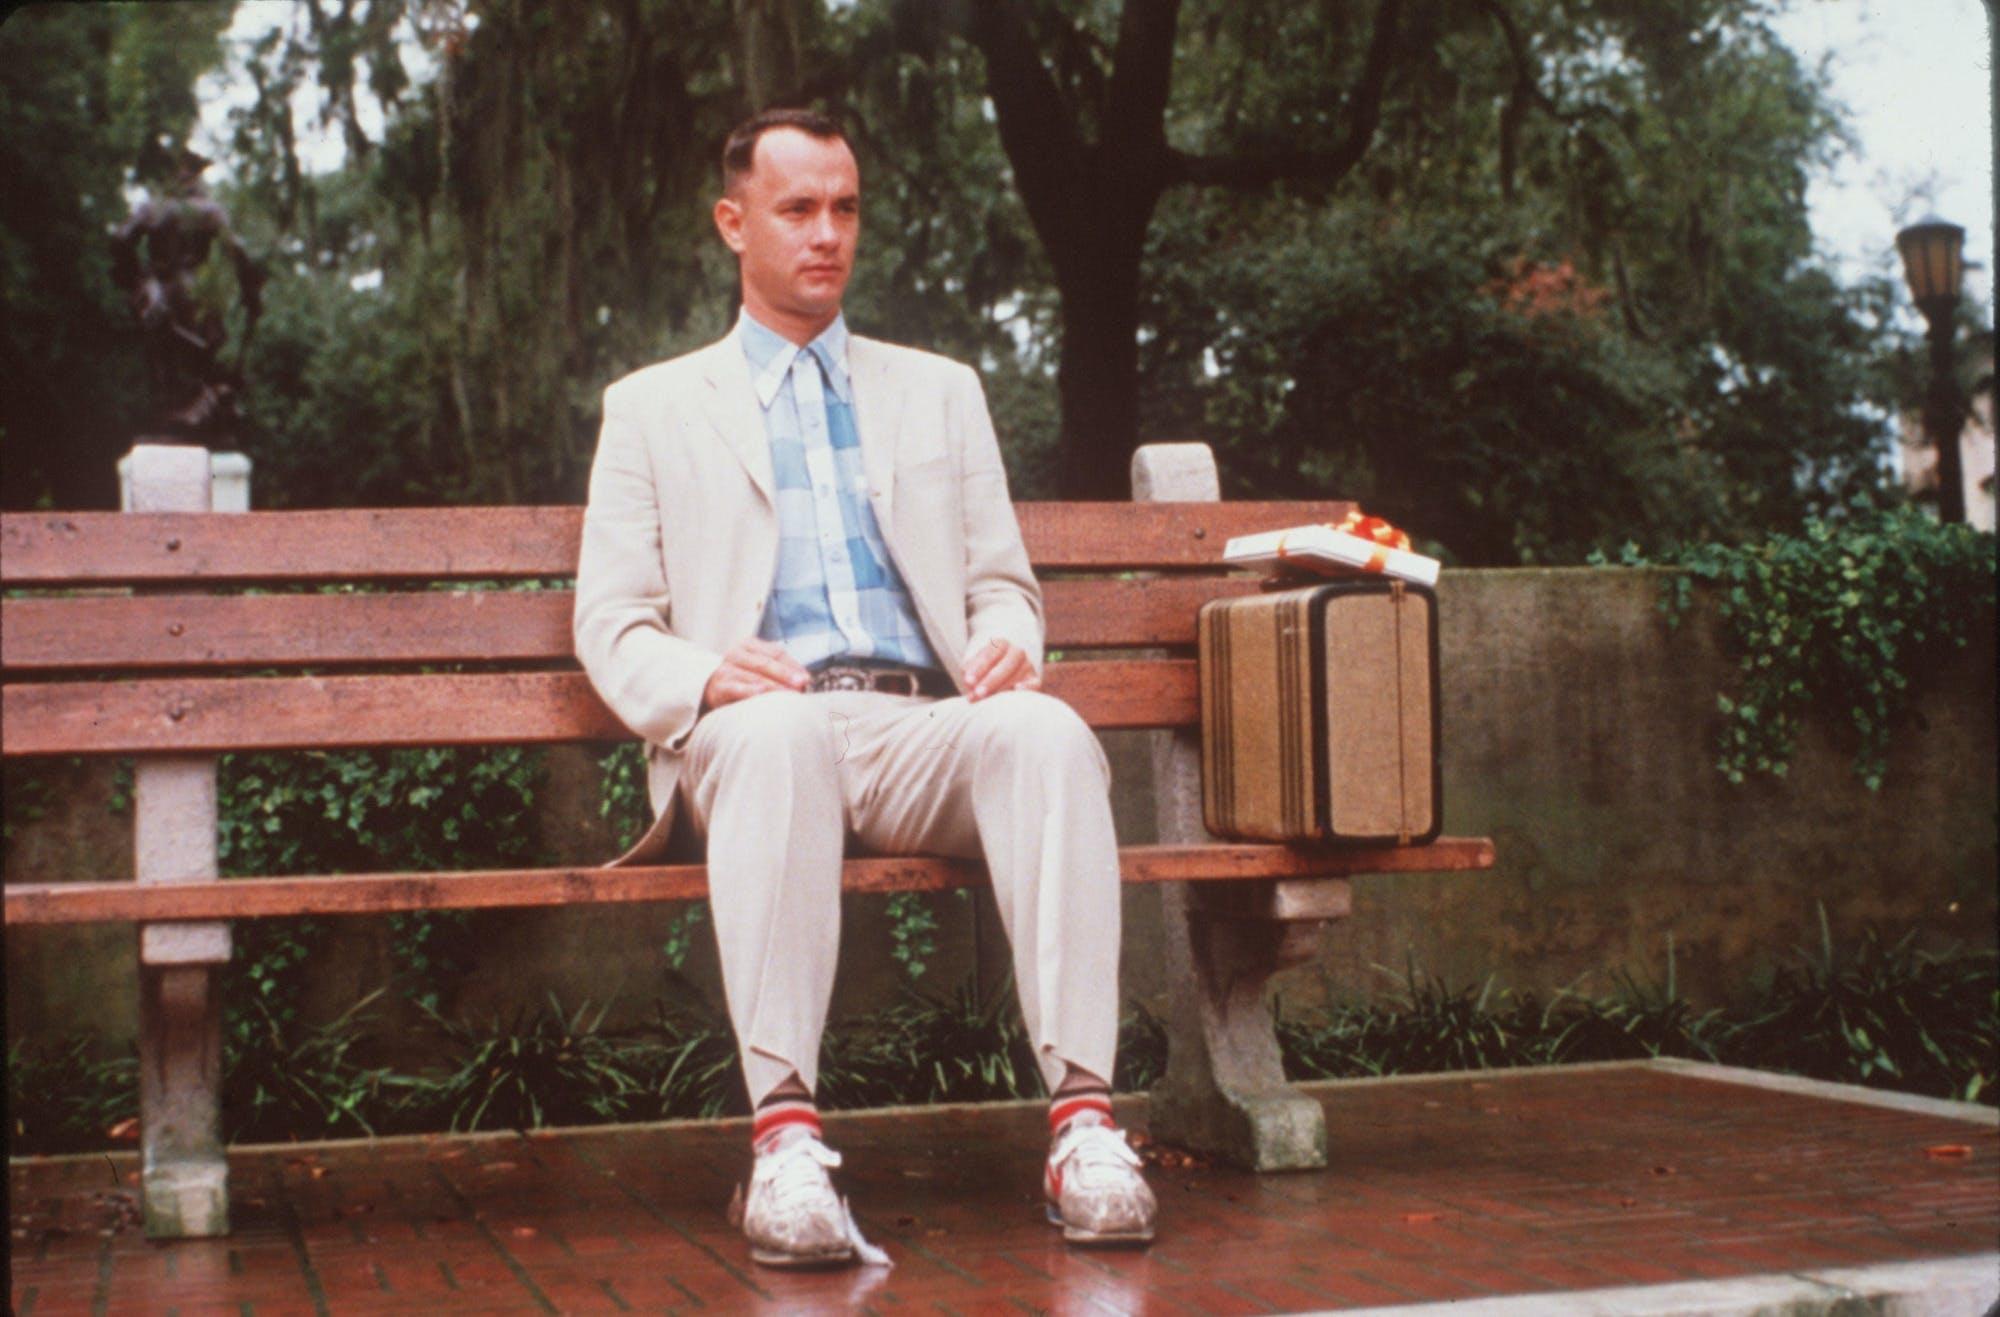 Tom Hanks in 'Forrest Gump.'